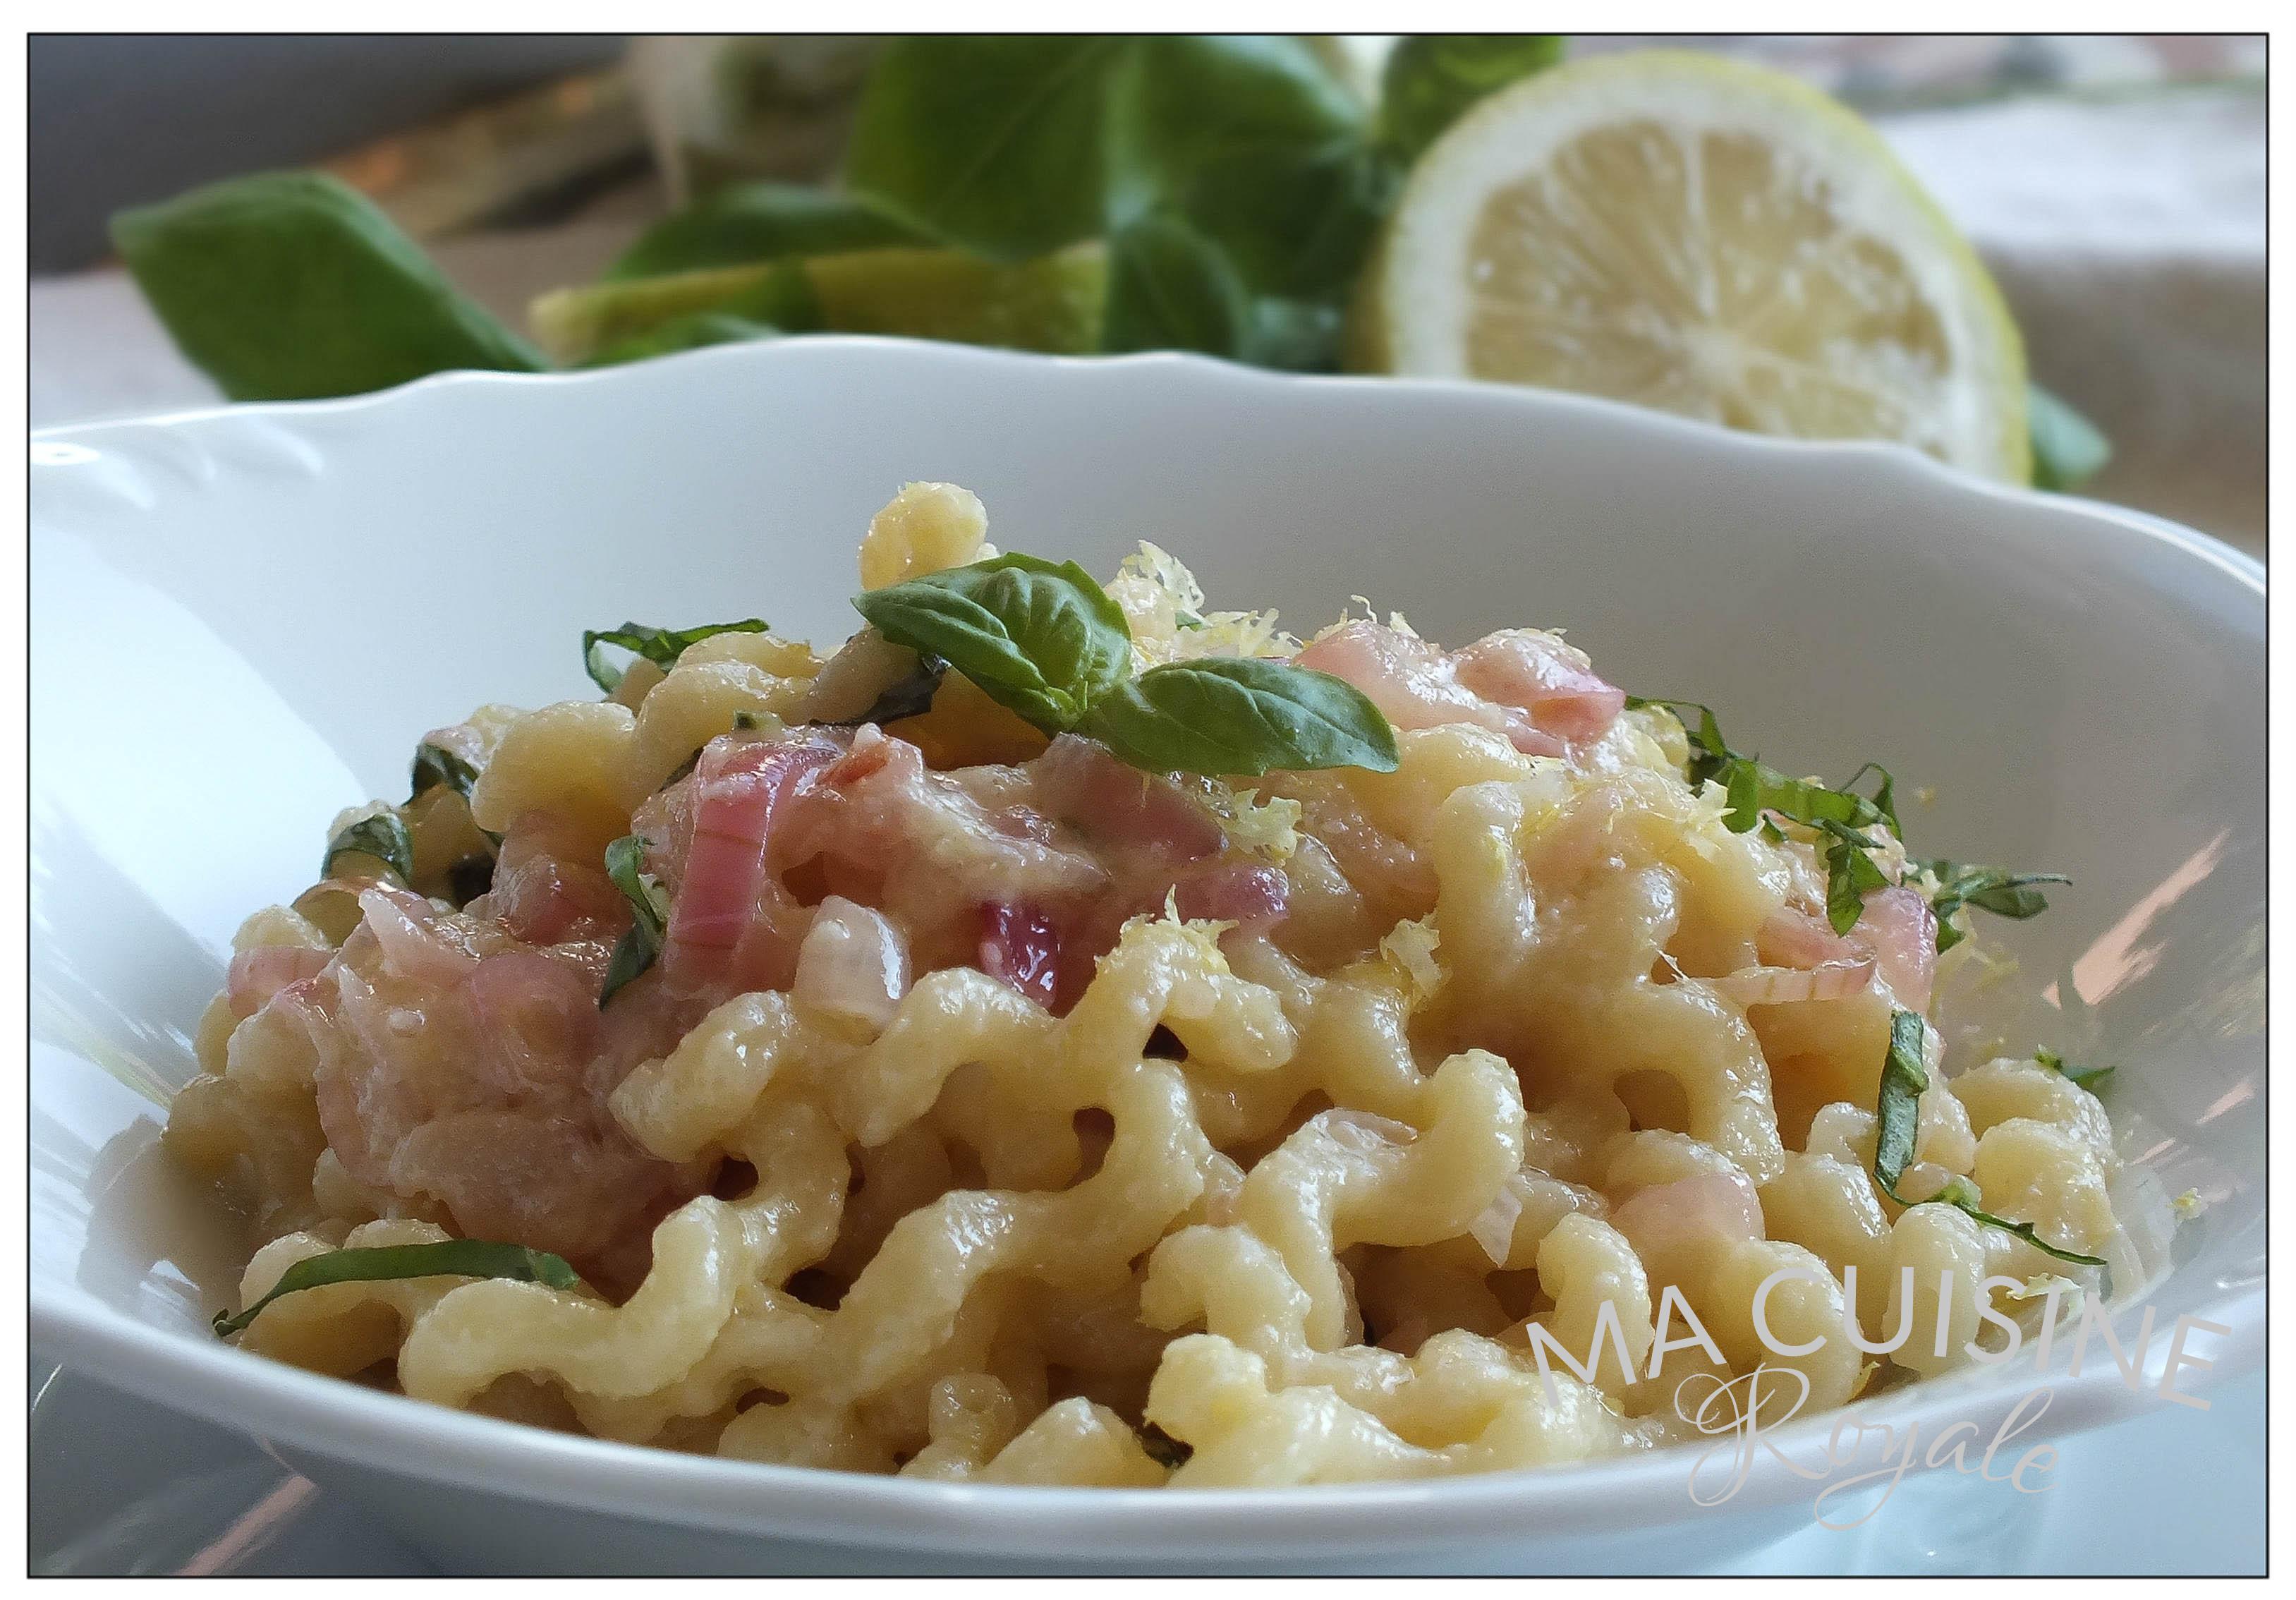 Fusilli au citron et basilic ma cuisine royale for Cuisine royale